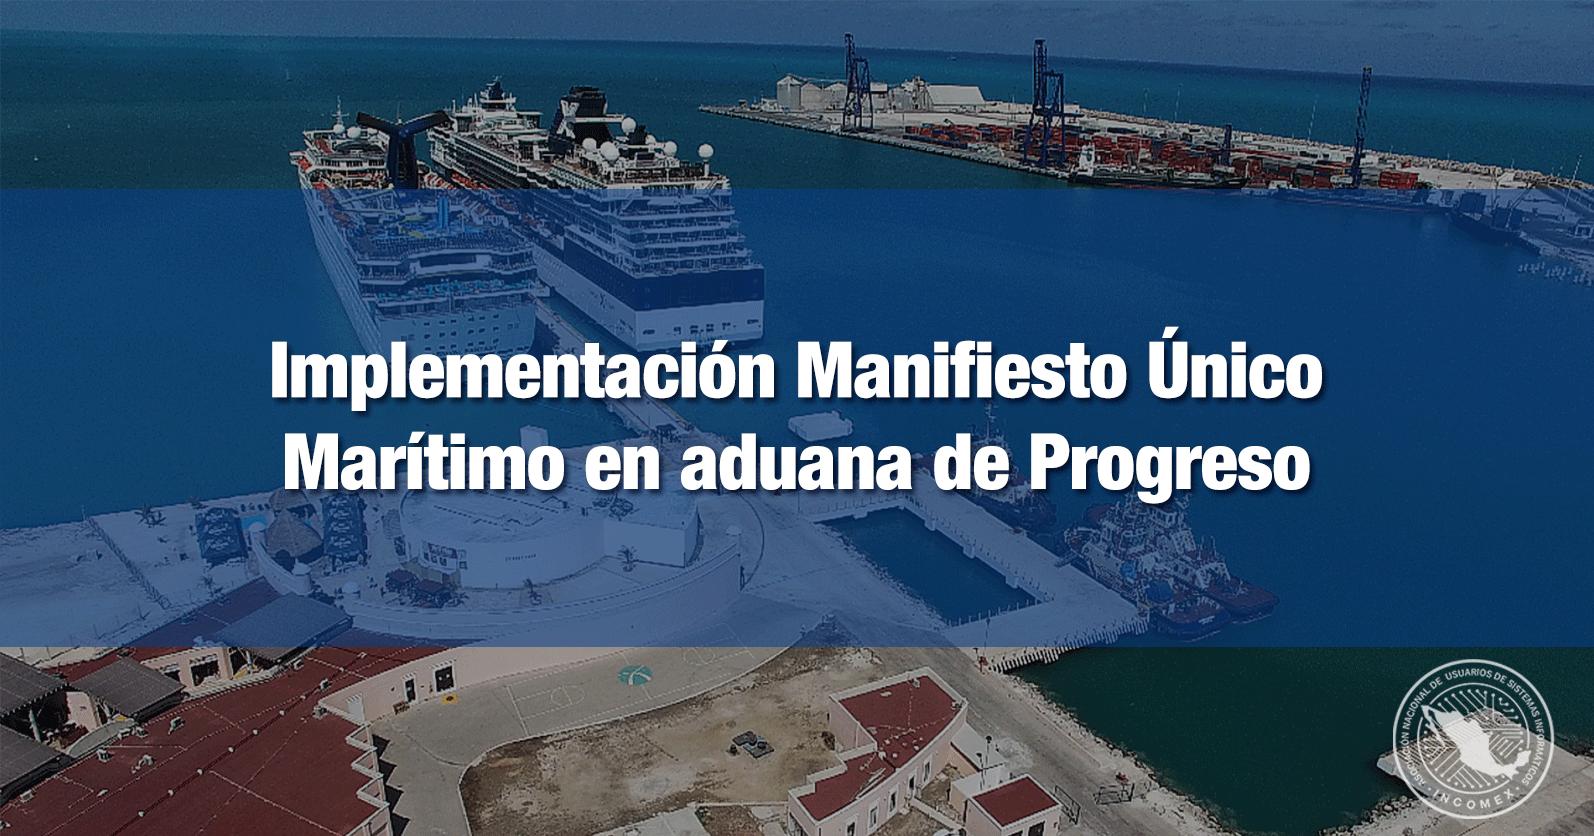 Implementación Manifiesto Único Marítimo en aduana de Progreso